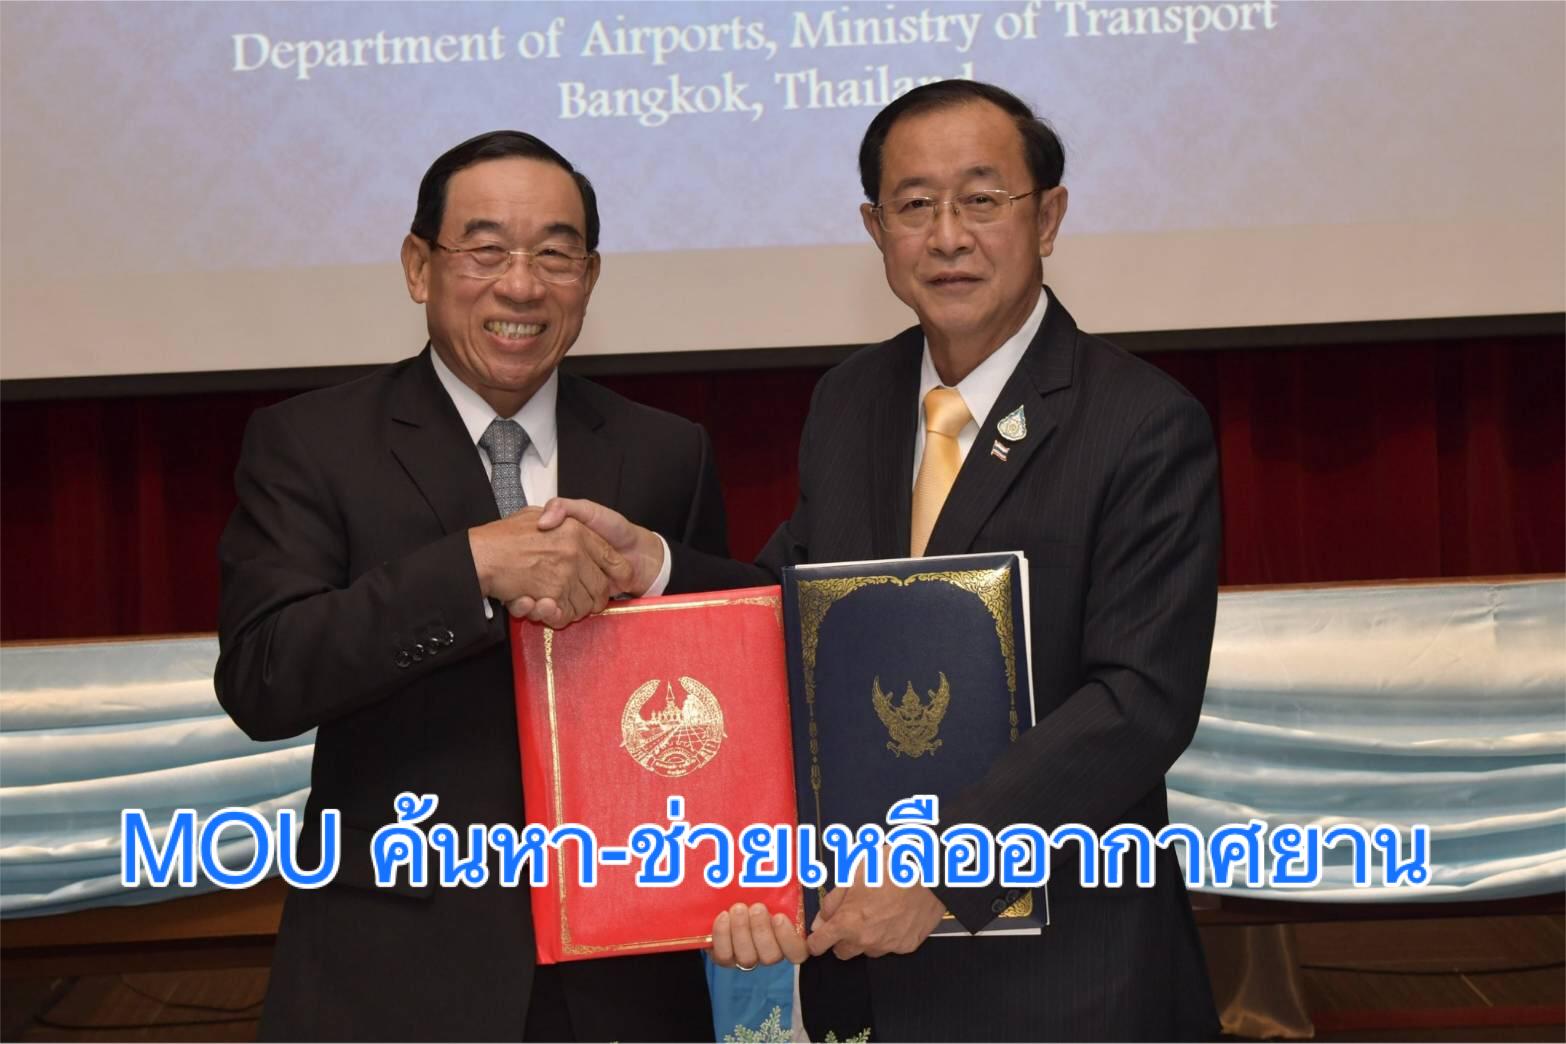 'ไทย' จับมือ 'สปป.ลาว' MOU การค้นหาและช่วยเหลืออากาศยานตามกฎ ICAO